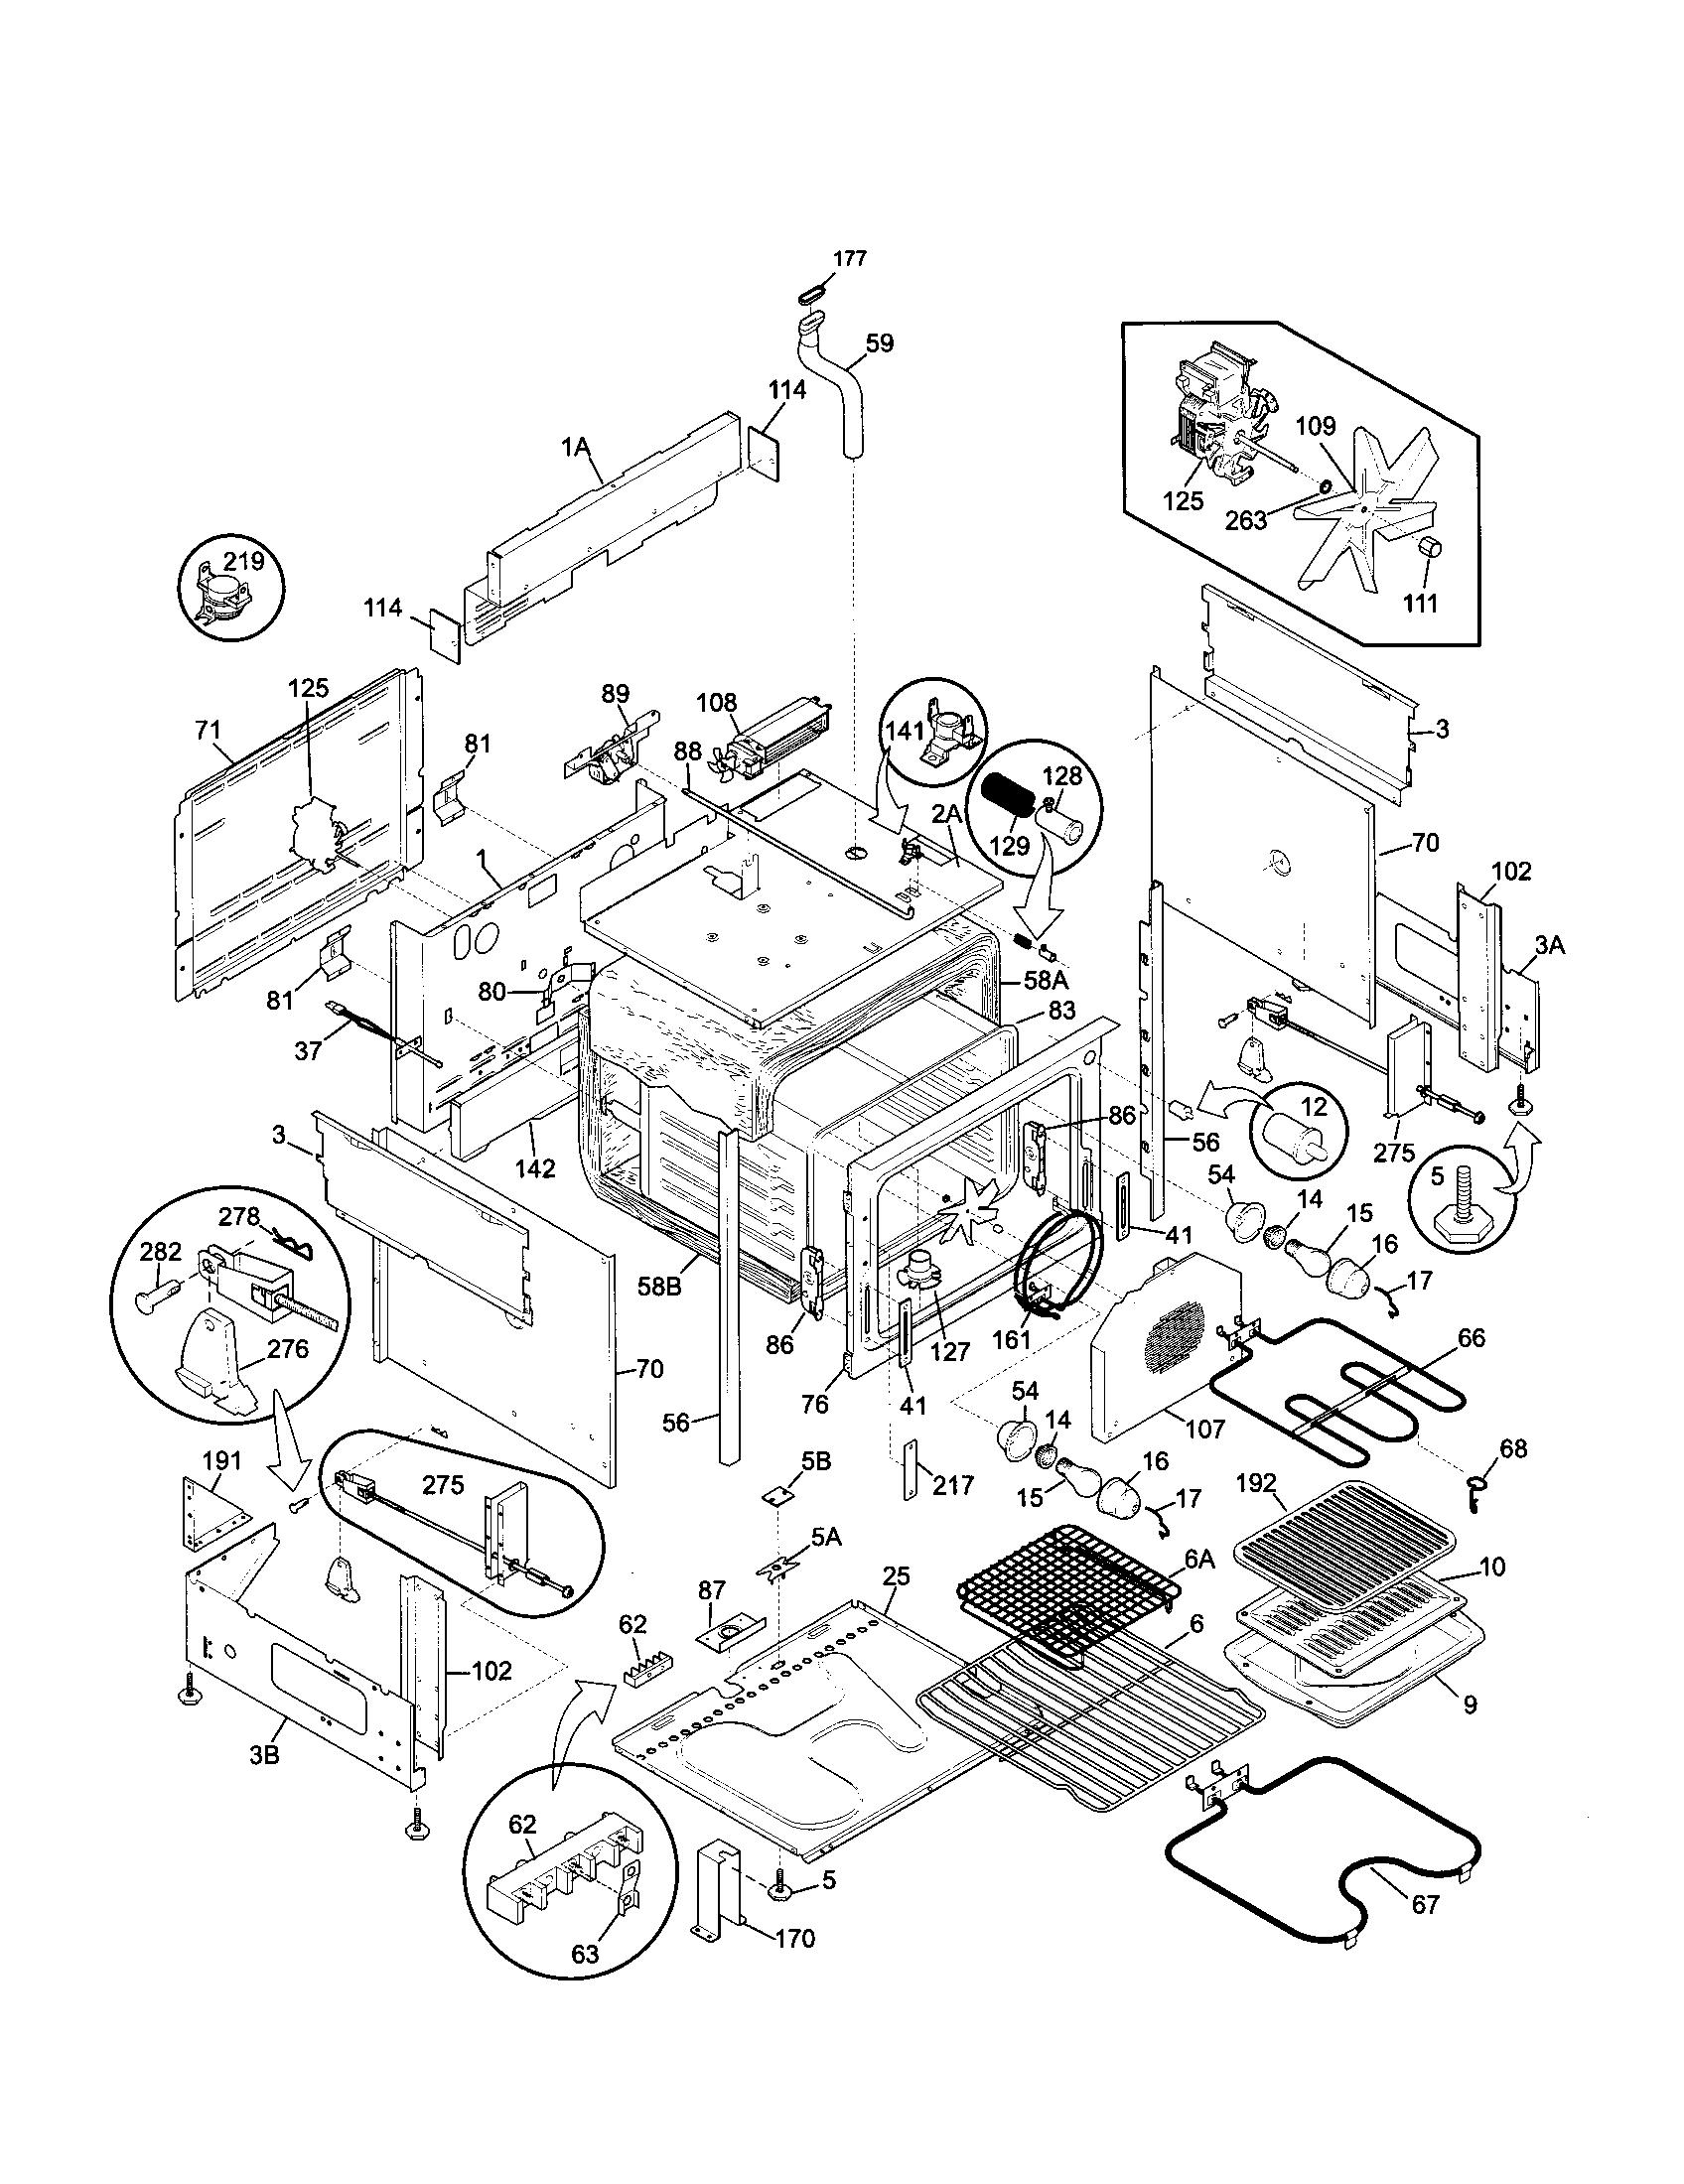 Kenmore 79046803991 elite electric slide in range timer stove rh appliancetimers kenmore elite dishwasher schematic diagram kenmore elite dishwasher